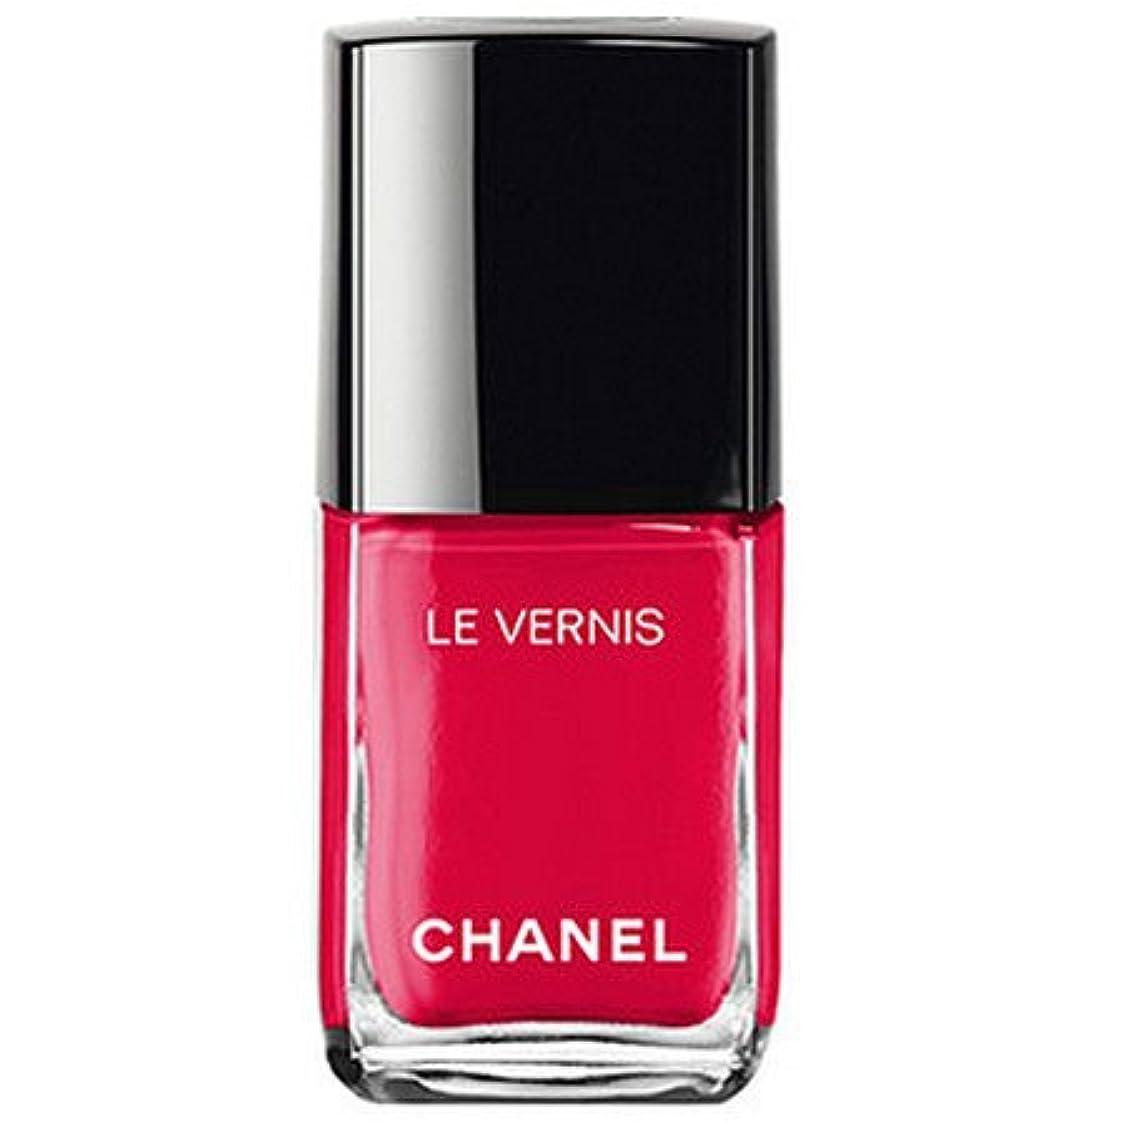 影響を受けやすいです精算ひらめきシャネル ヴェルニ ロング トゥニュ626 エクスキュイジット ピンク -CHANEL-